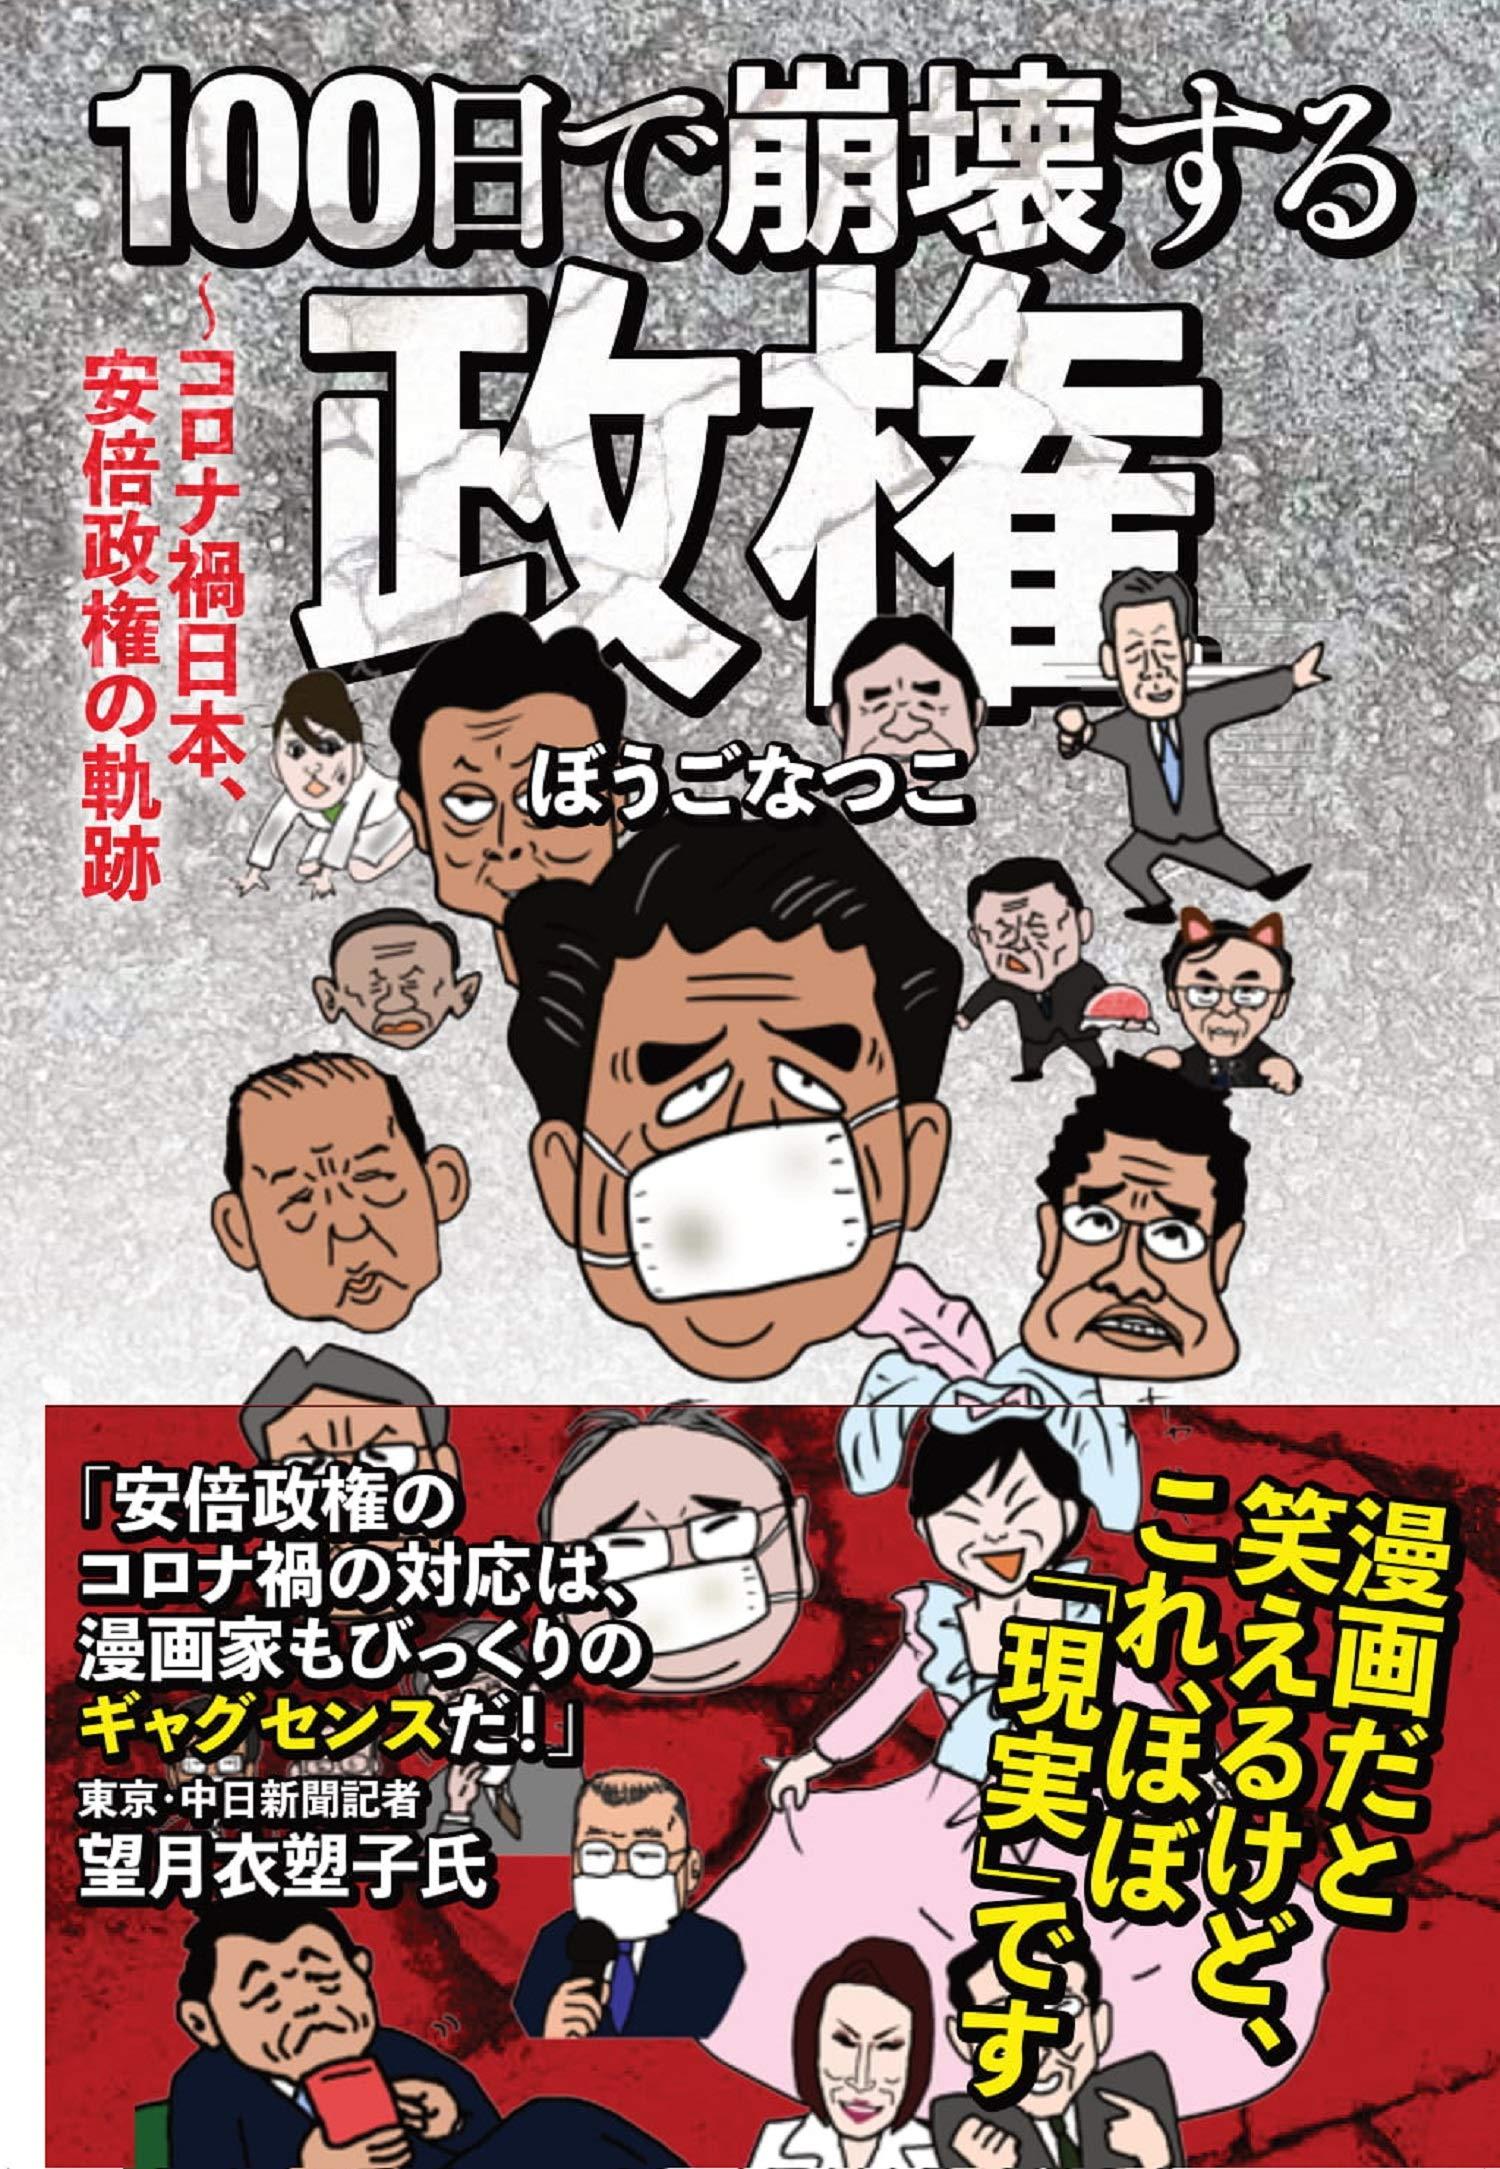 漫画 読み 放題 コロナ